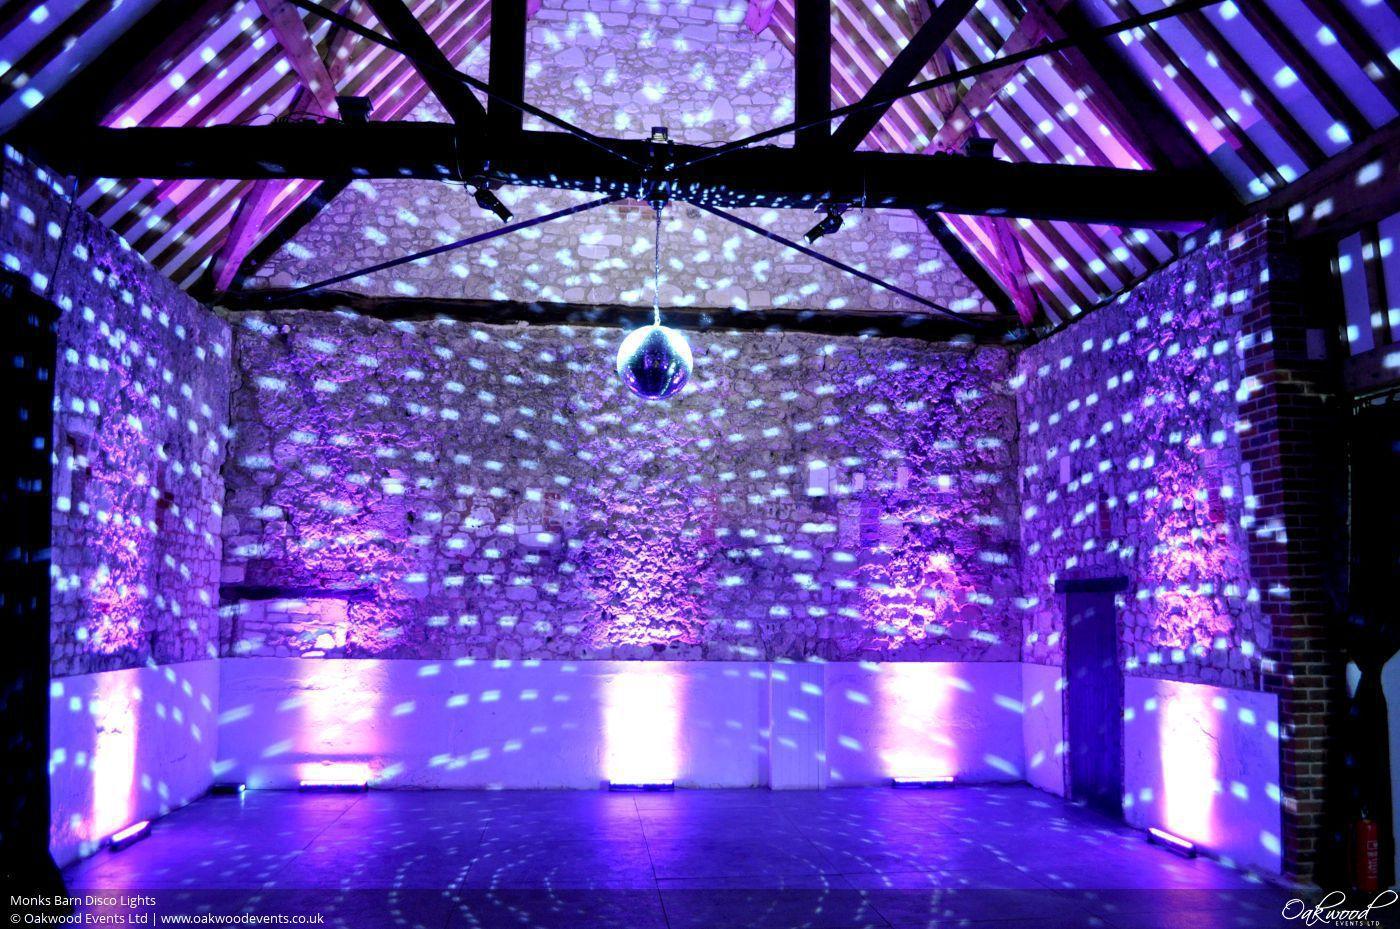 Monks Barn Disco Lights